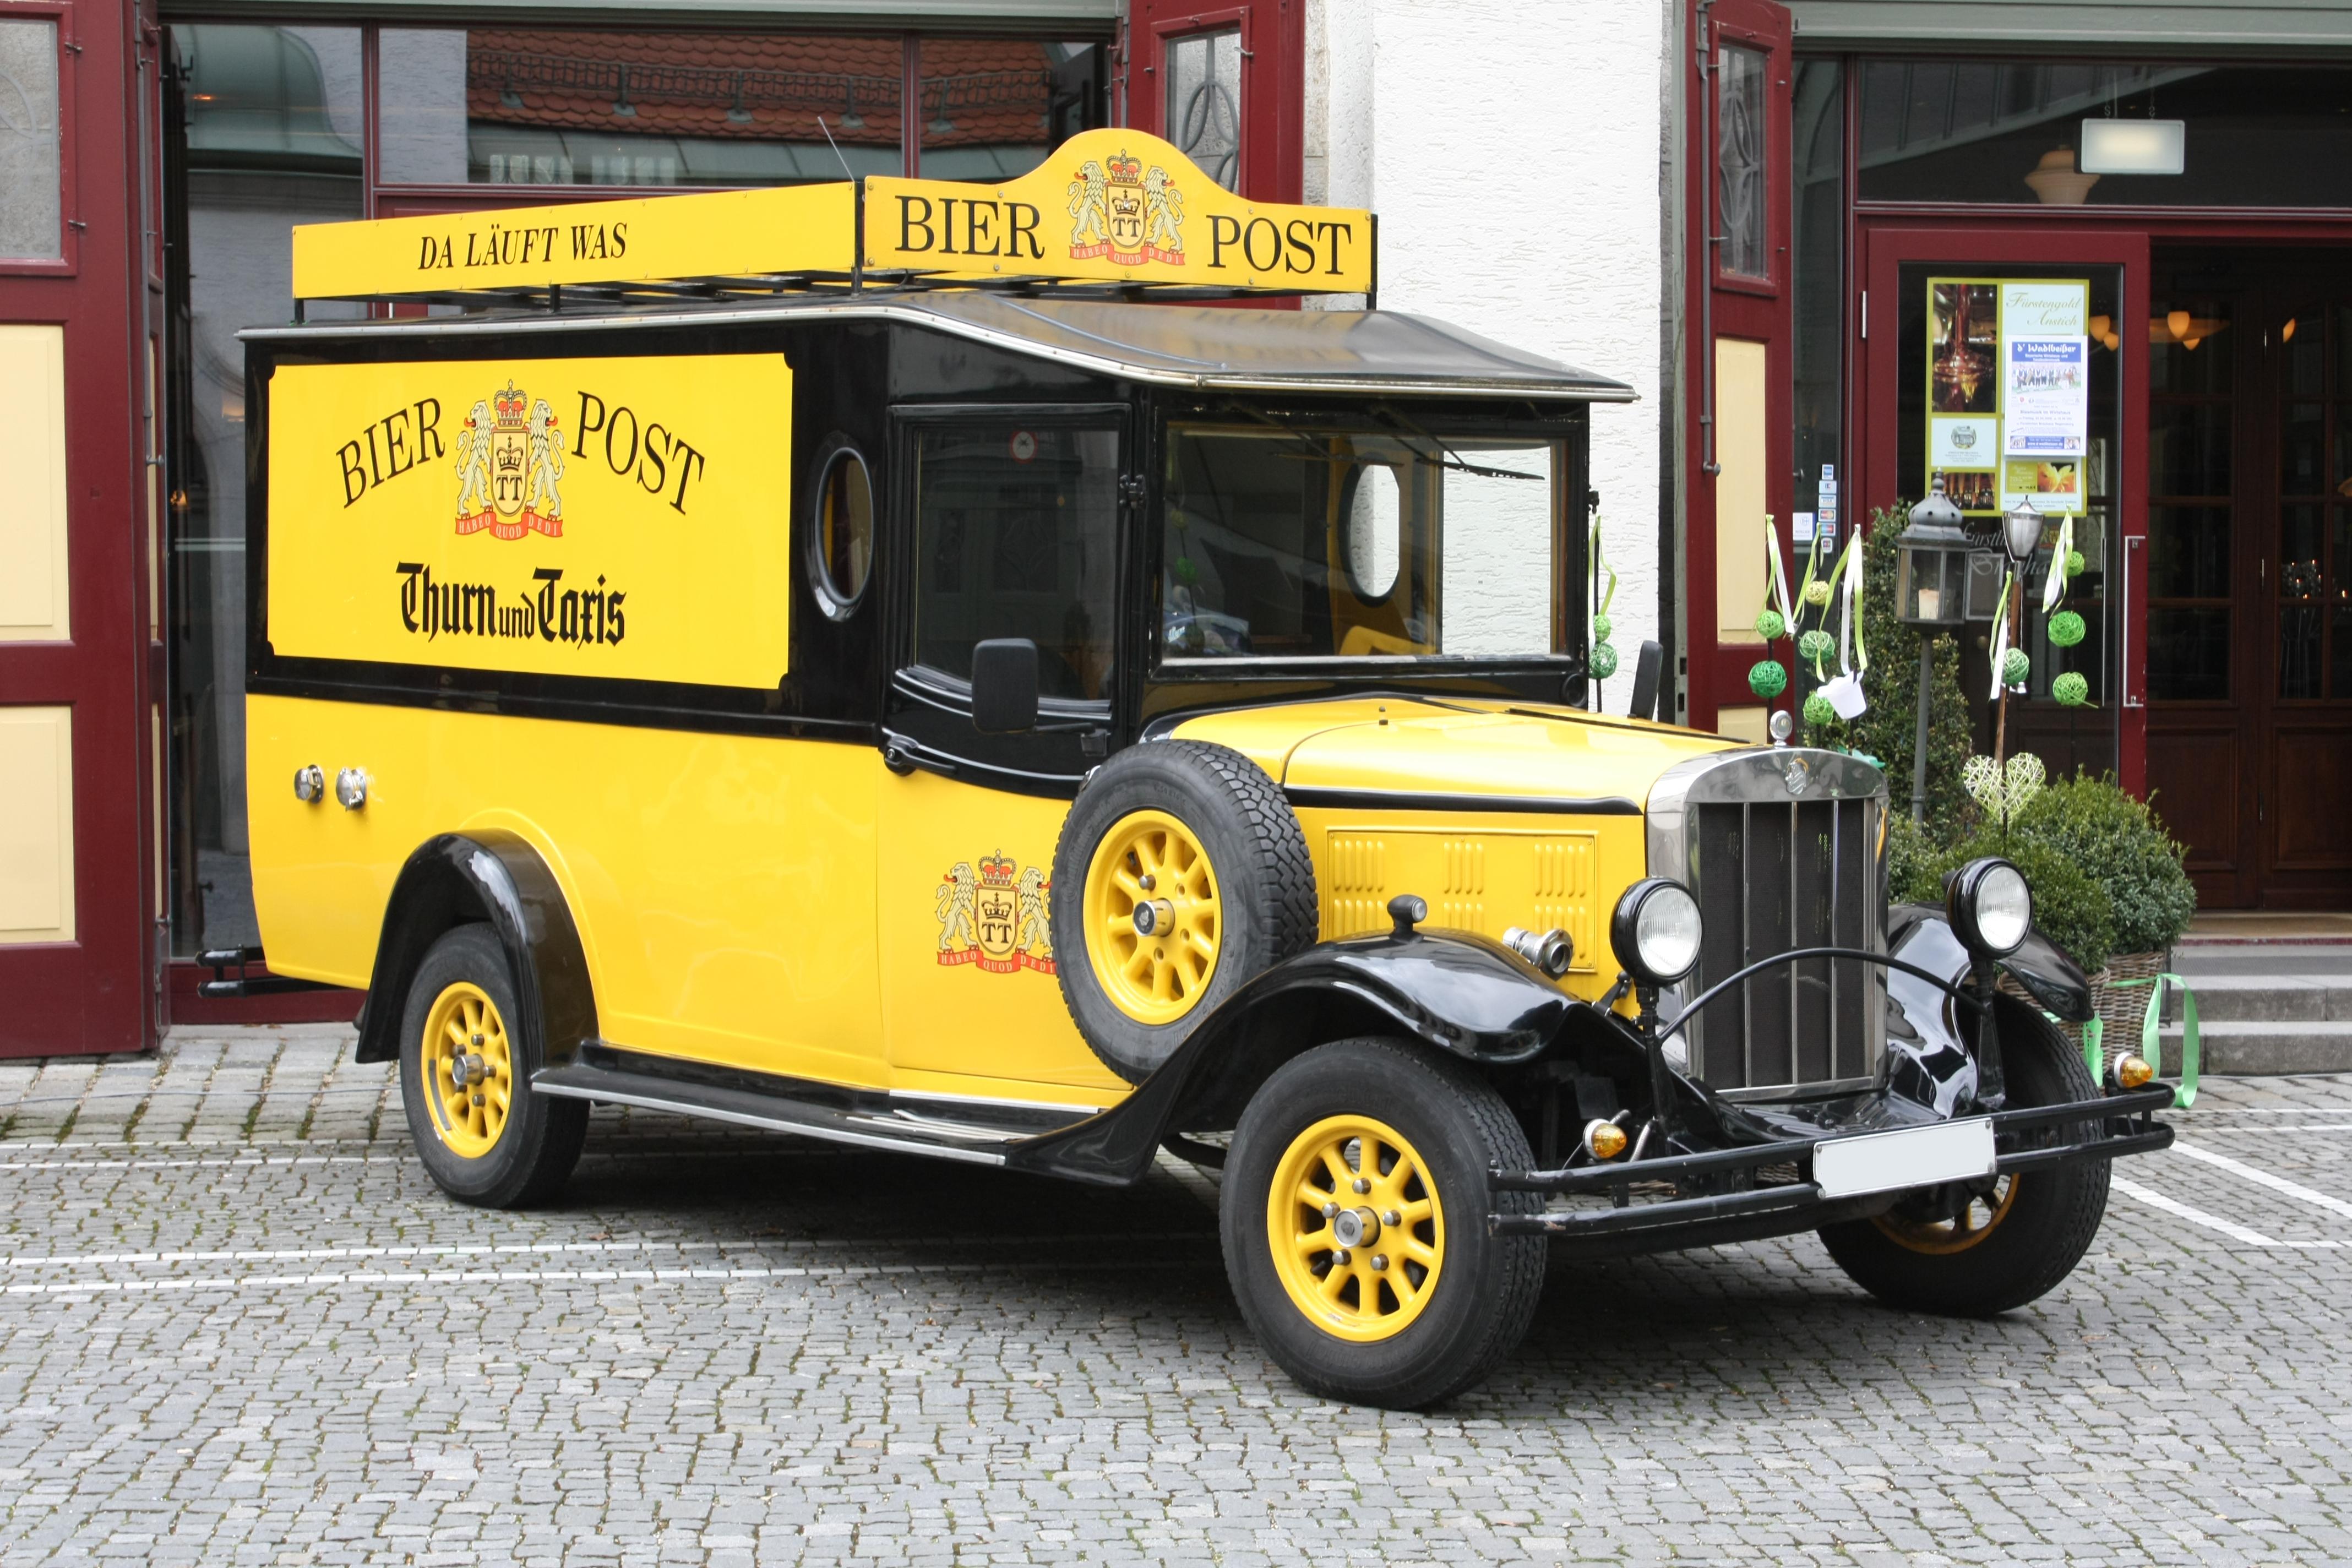 Datei:Thurn Und Taxis Bier Post.jpg